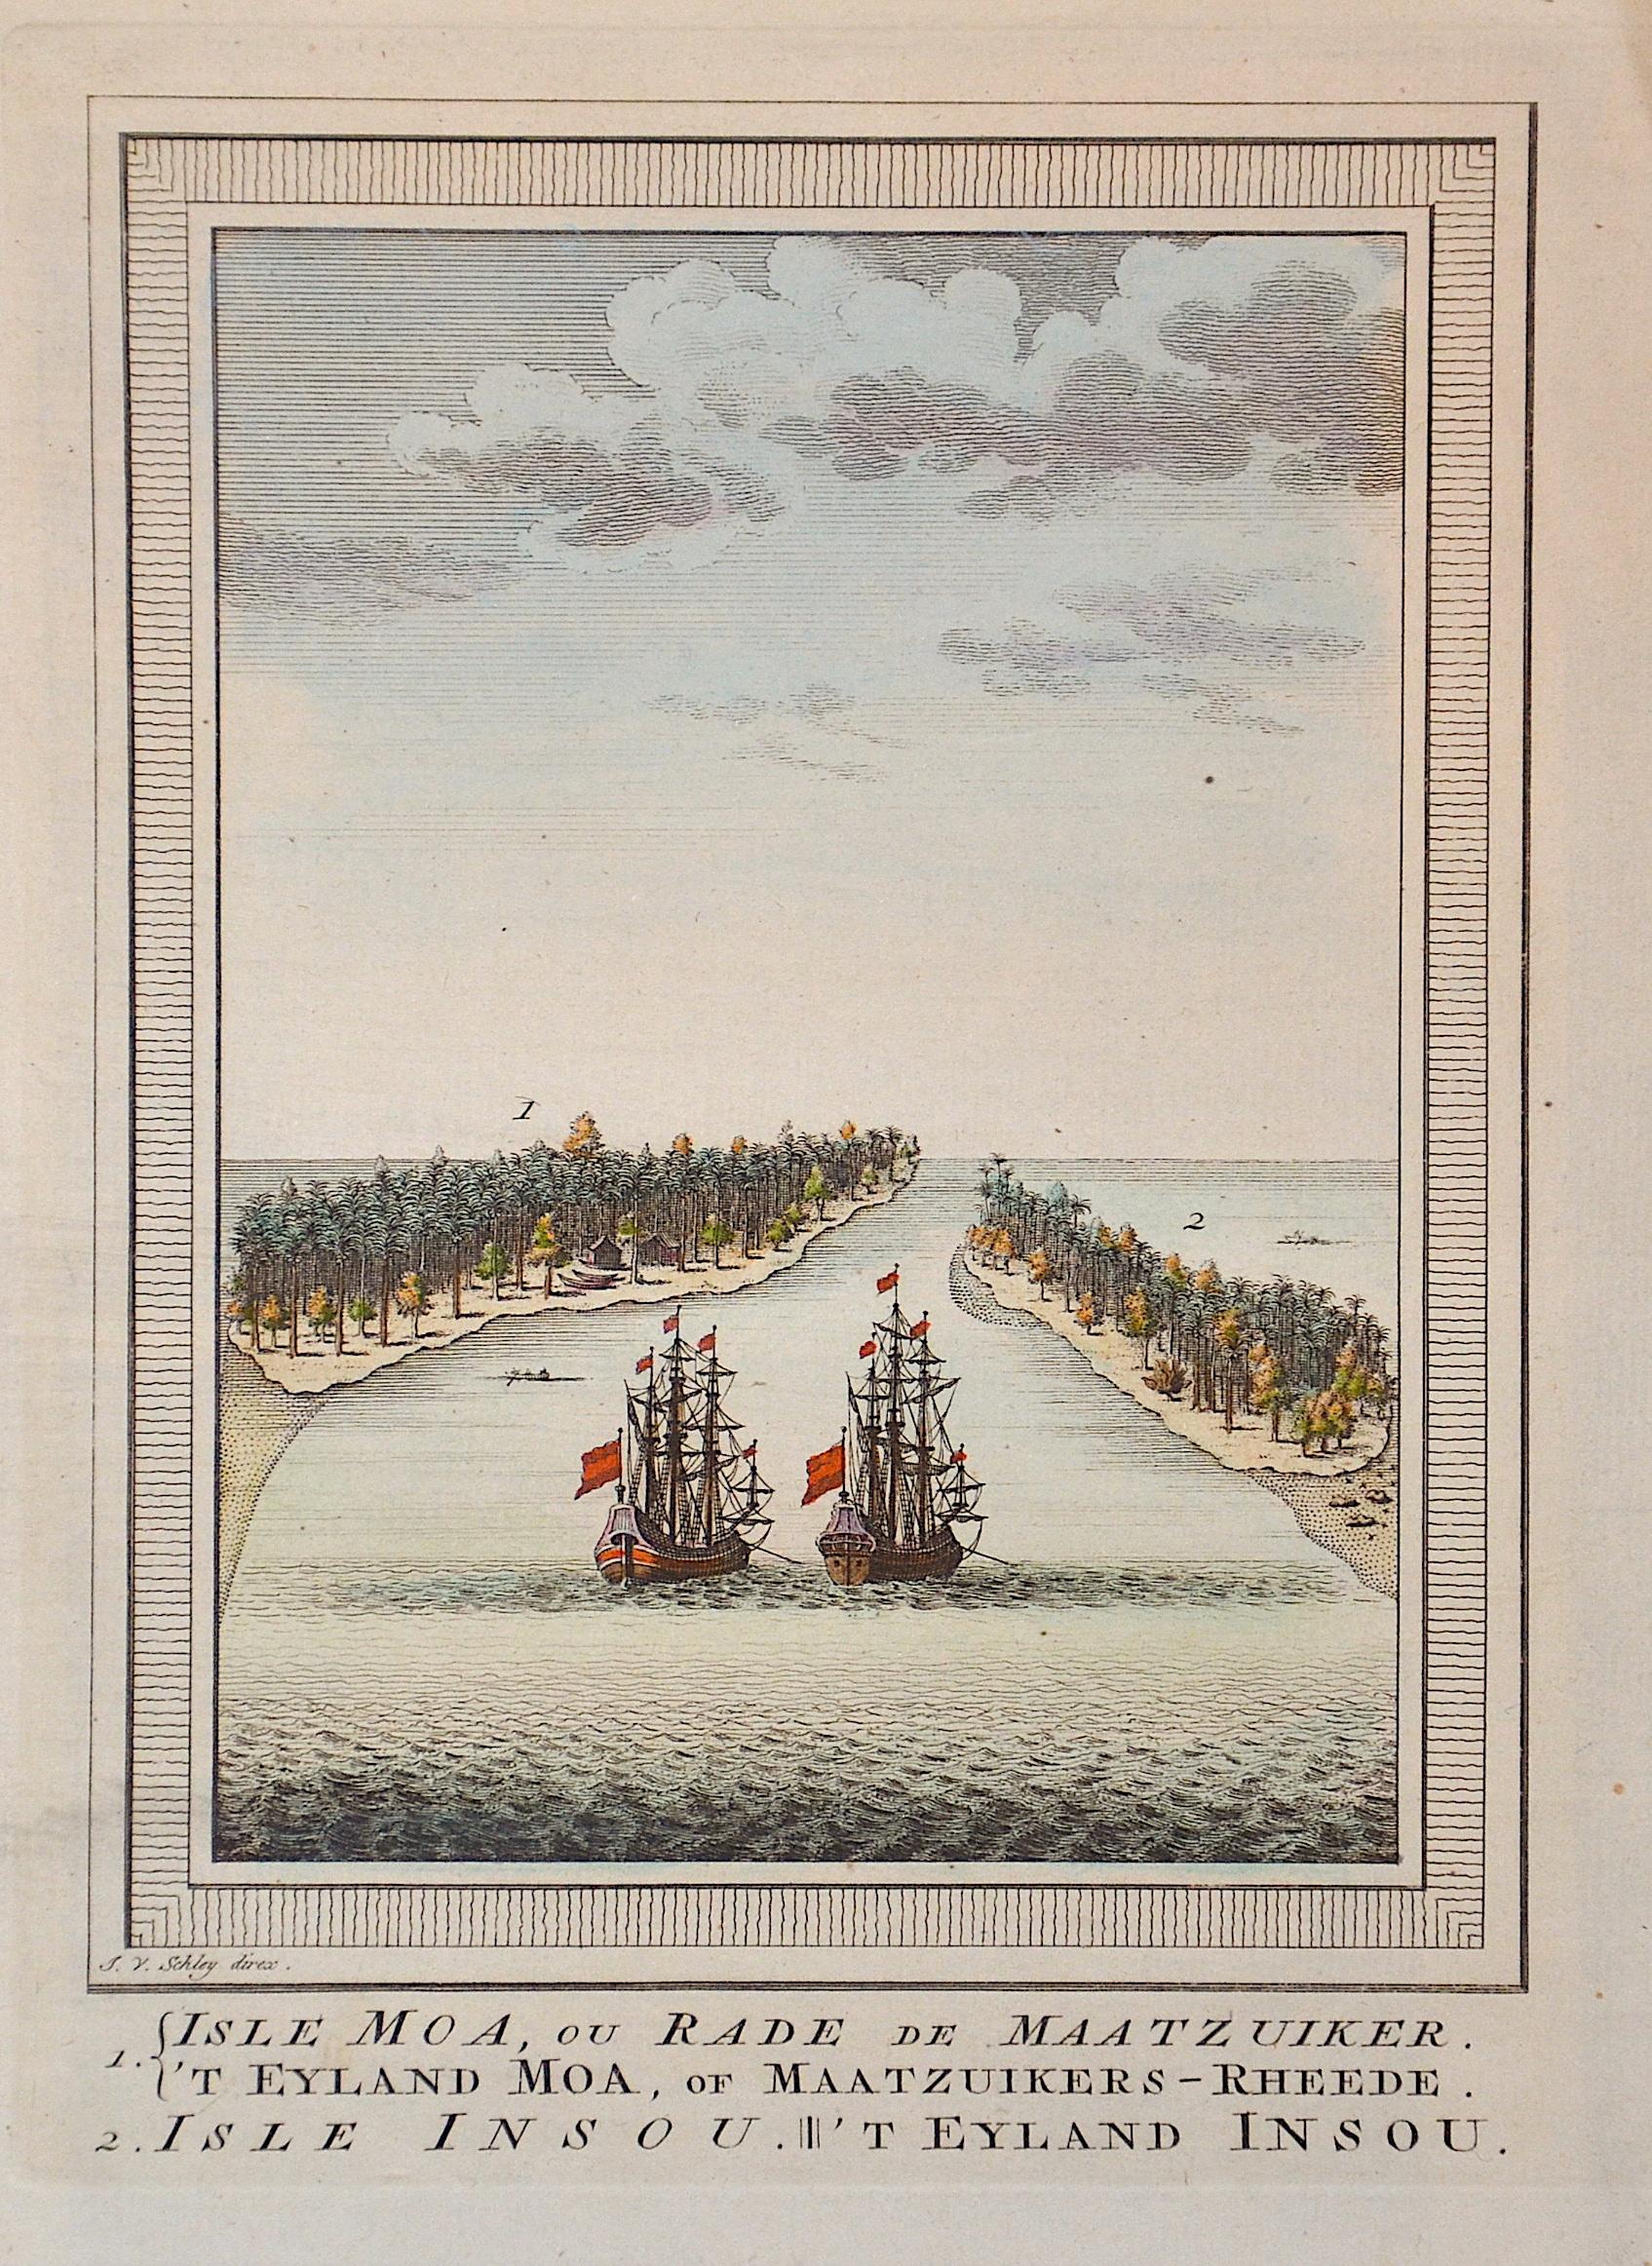 Schley, van der Jacob 1. Isle Moa, ou Rade de Maatzuiker. 'T Eyland Moa, of Maatzuikers-Rheede. 2. Isle Insou. 'T Eyland Insou.